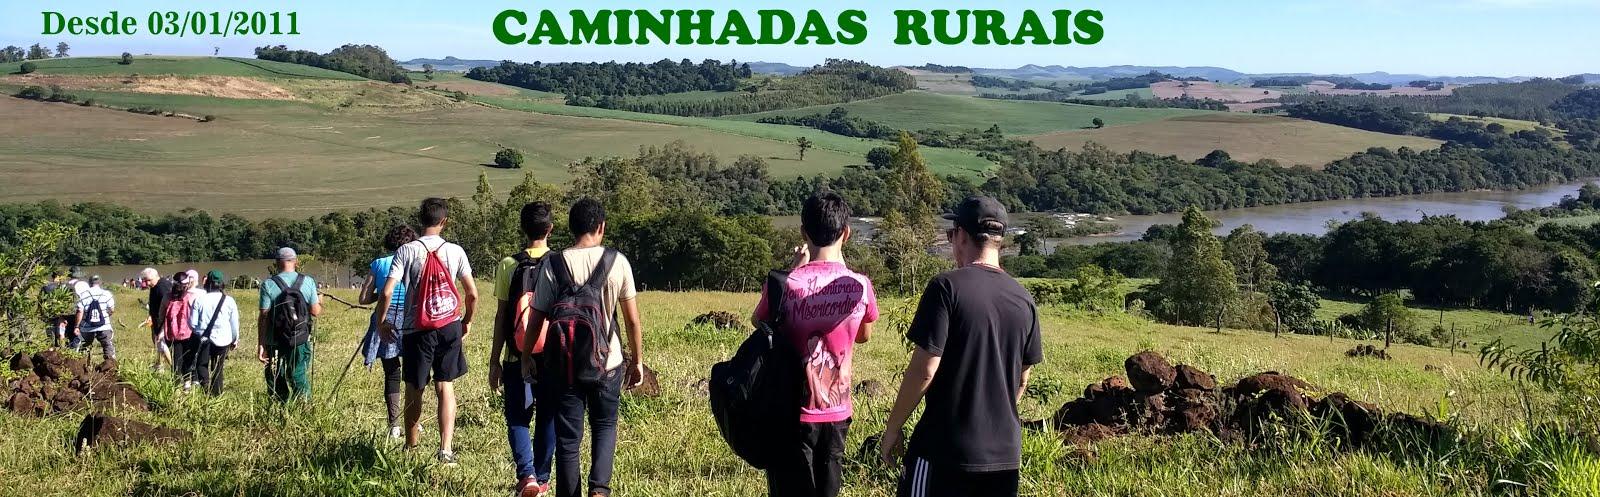 Caminhadas rurais